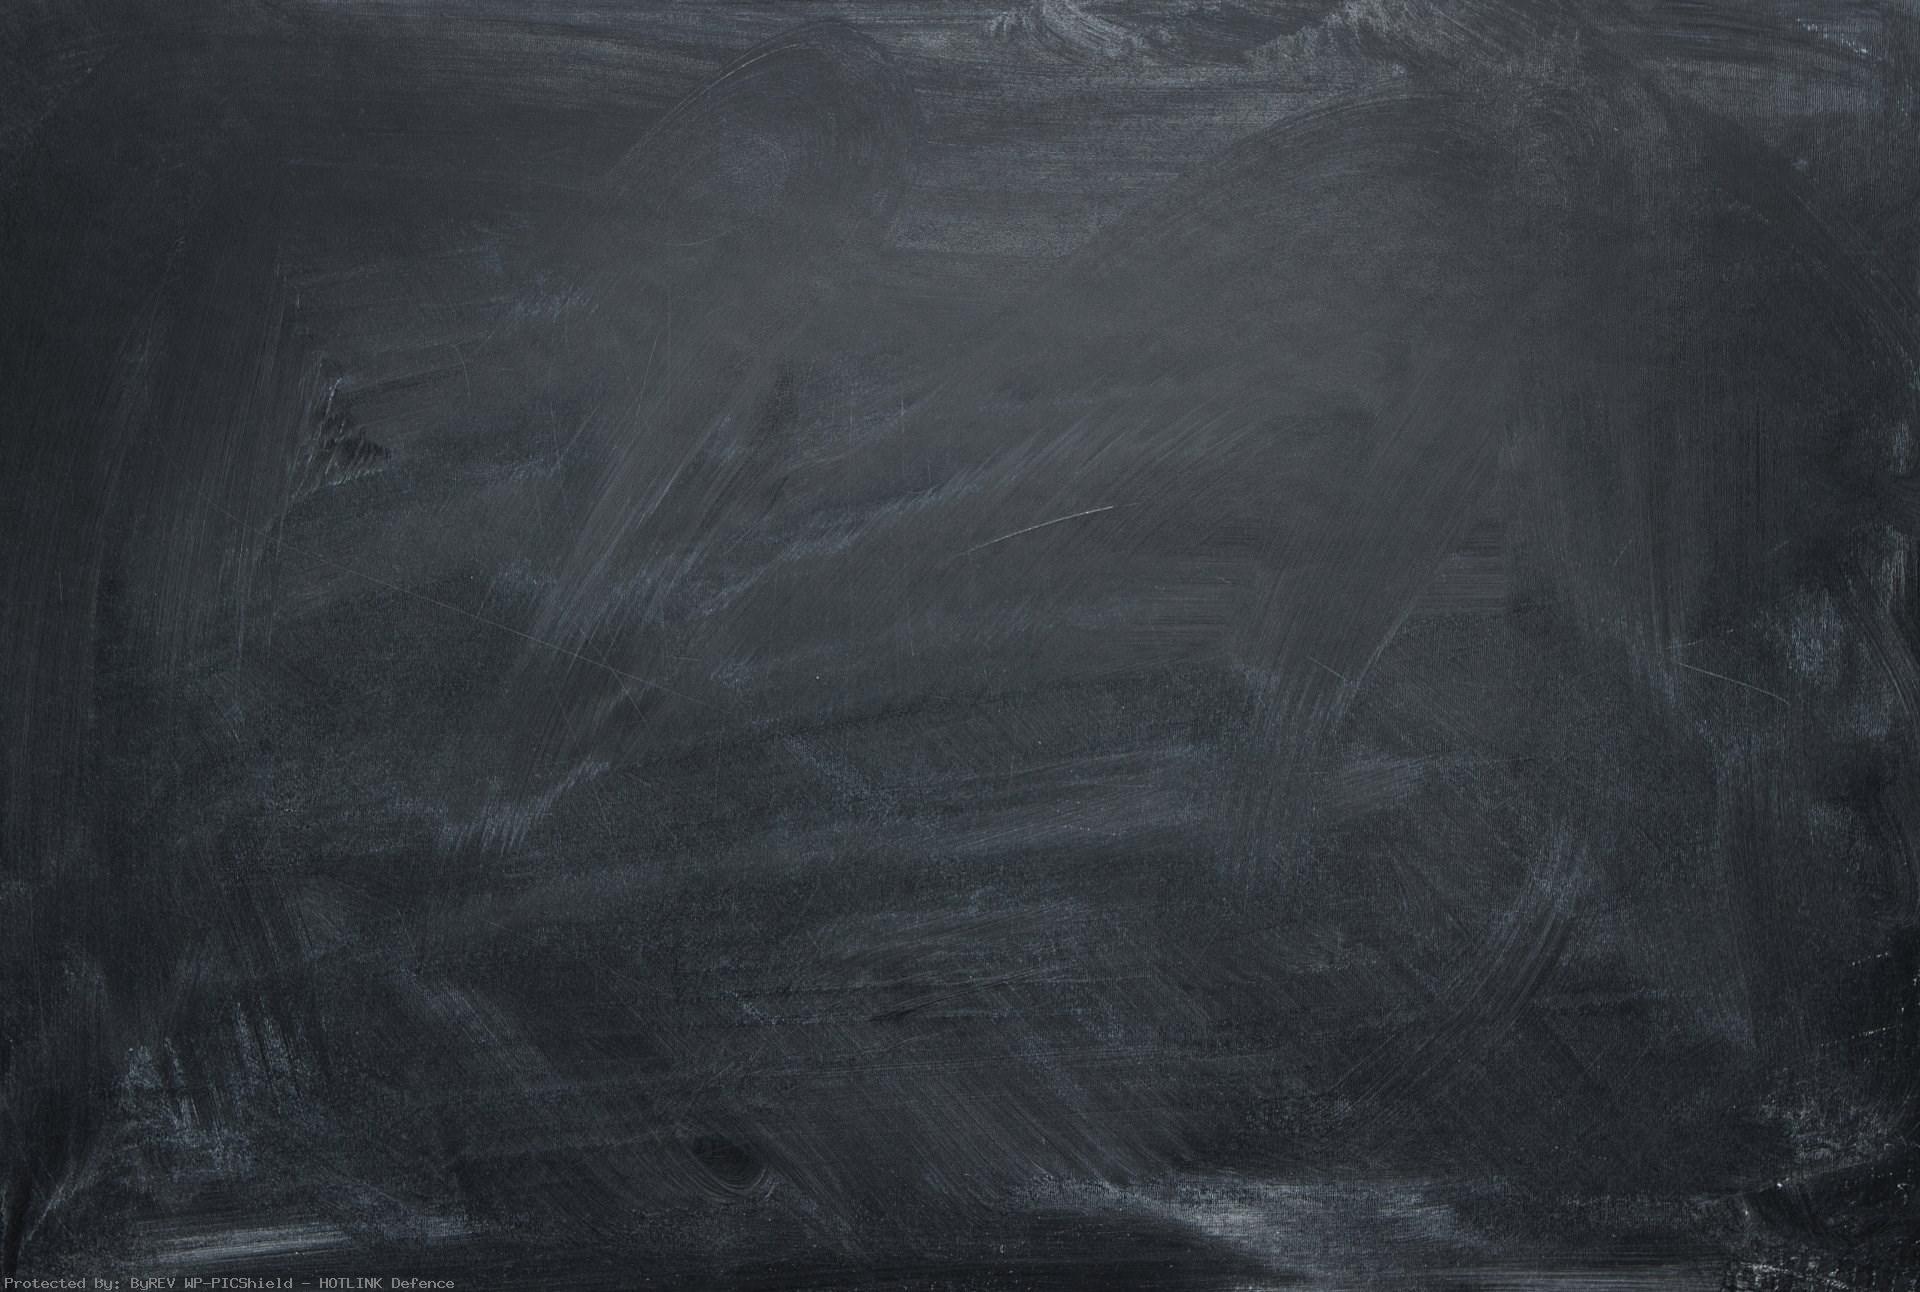 school-chalkboard-1080p-wallpaper-wp80011774